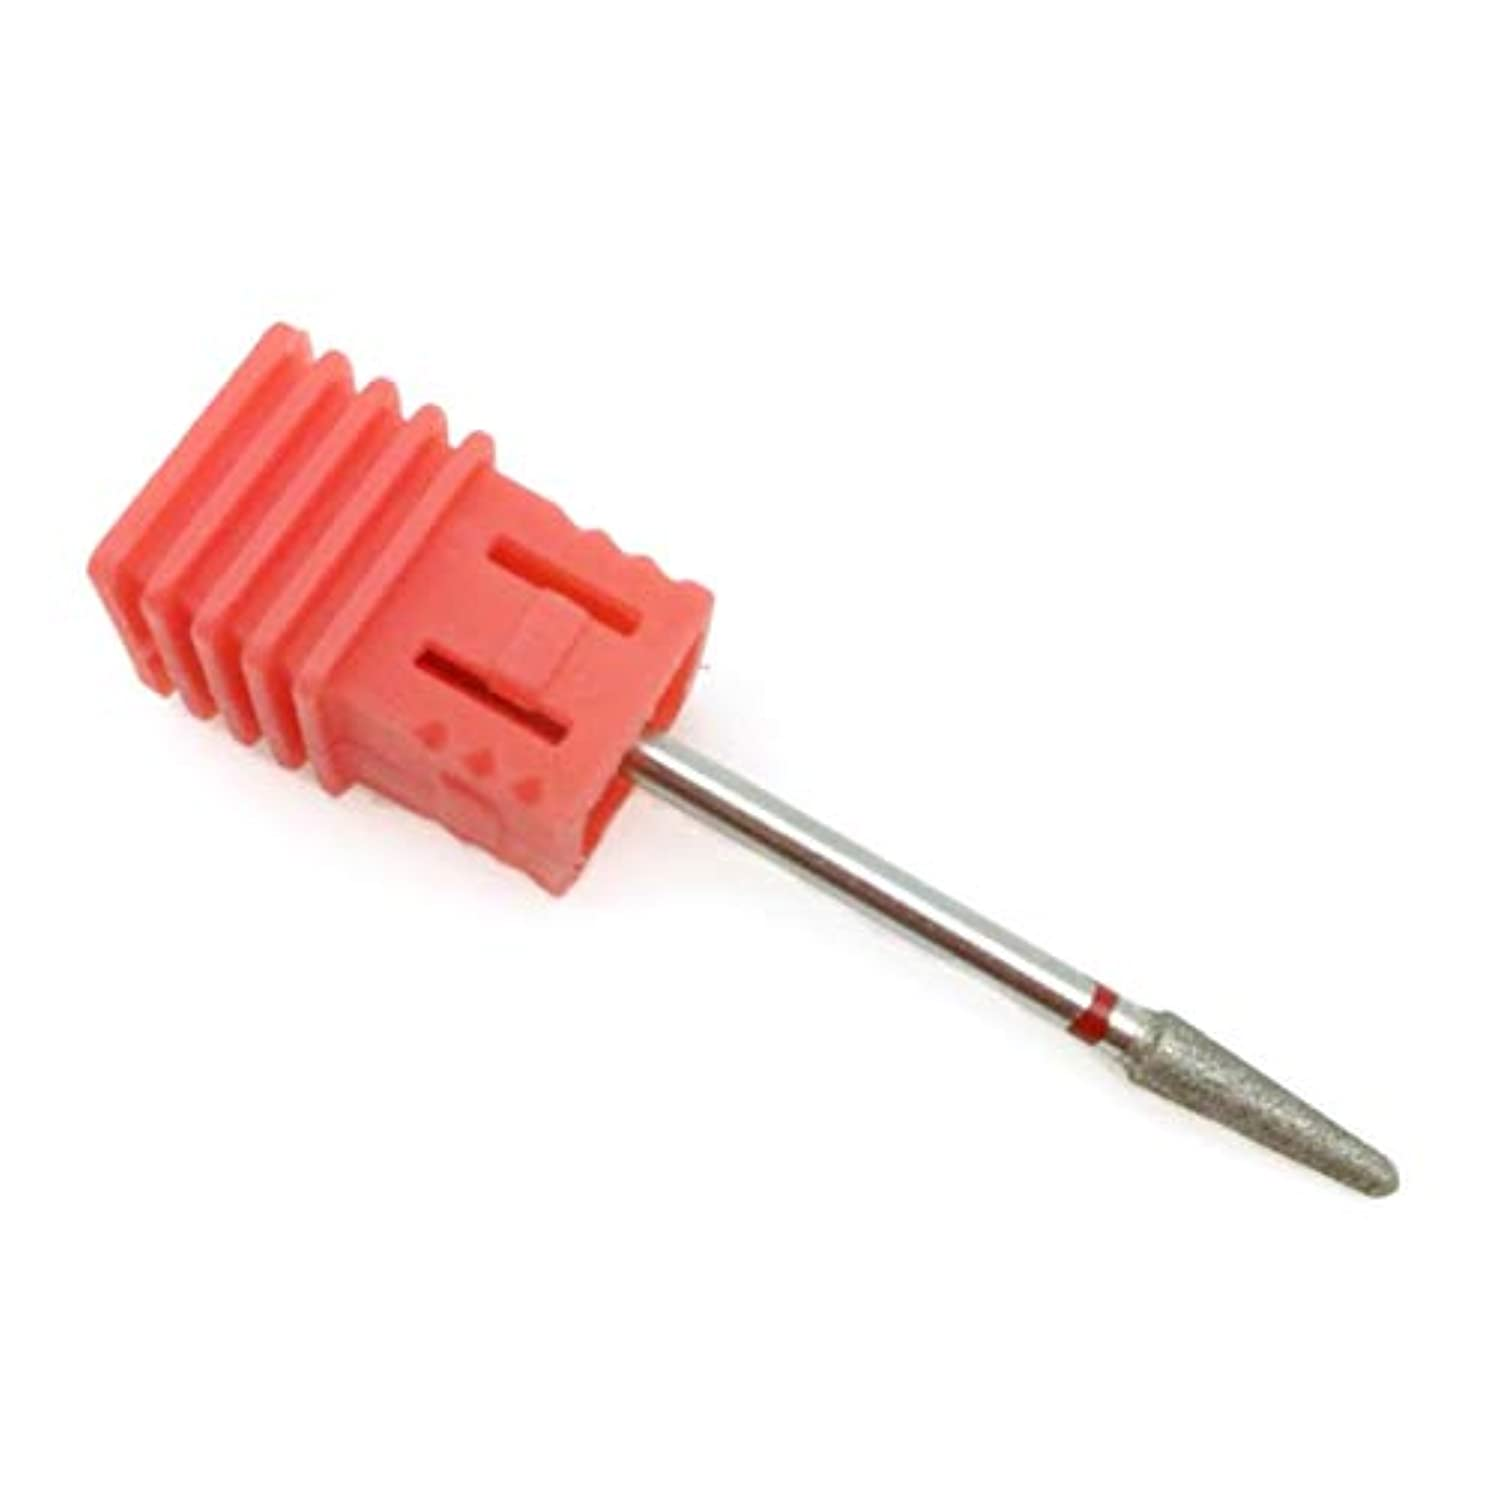 指標不適残高OU-Kunmlef 新しいデザイン5タイプ赤ダイヤモンドネイルファイルビットバーミリングカッターマニキュア電気ネイルドリル爪アクセサリー(None D4)